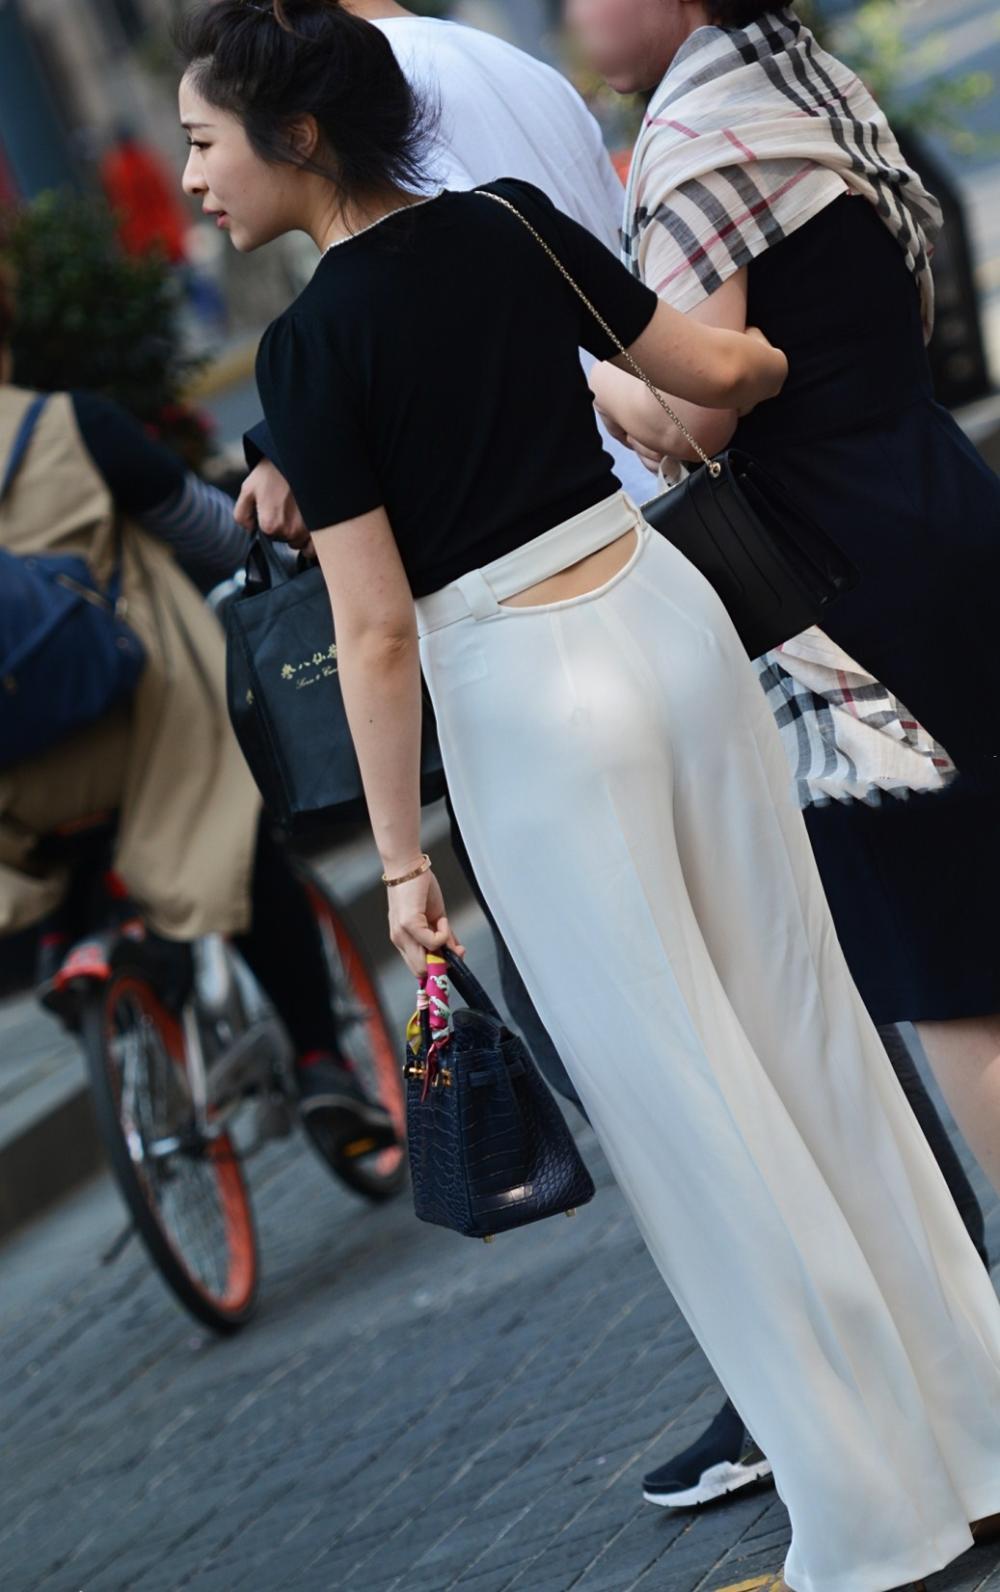 街拍, 穿着黑色T恤配白色长裤的妙龄少女, 气质清秀美丽动人